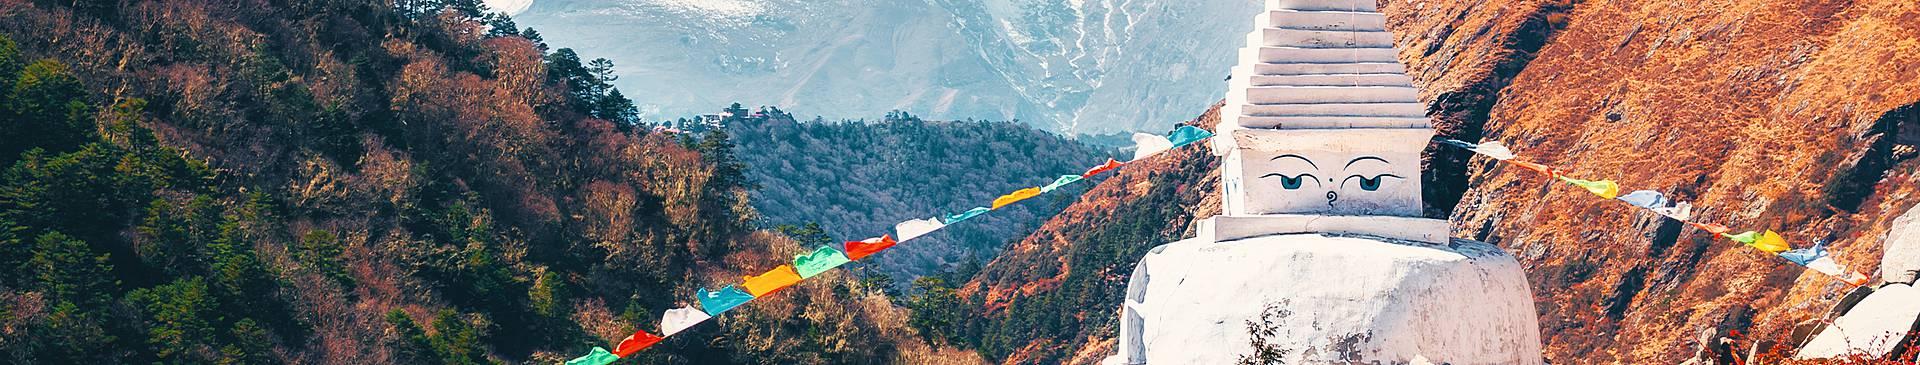 Fall in Nepal